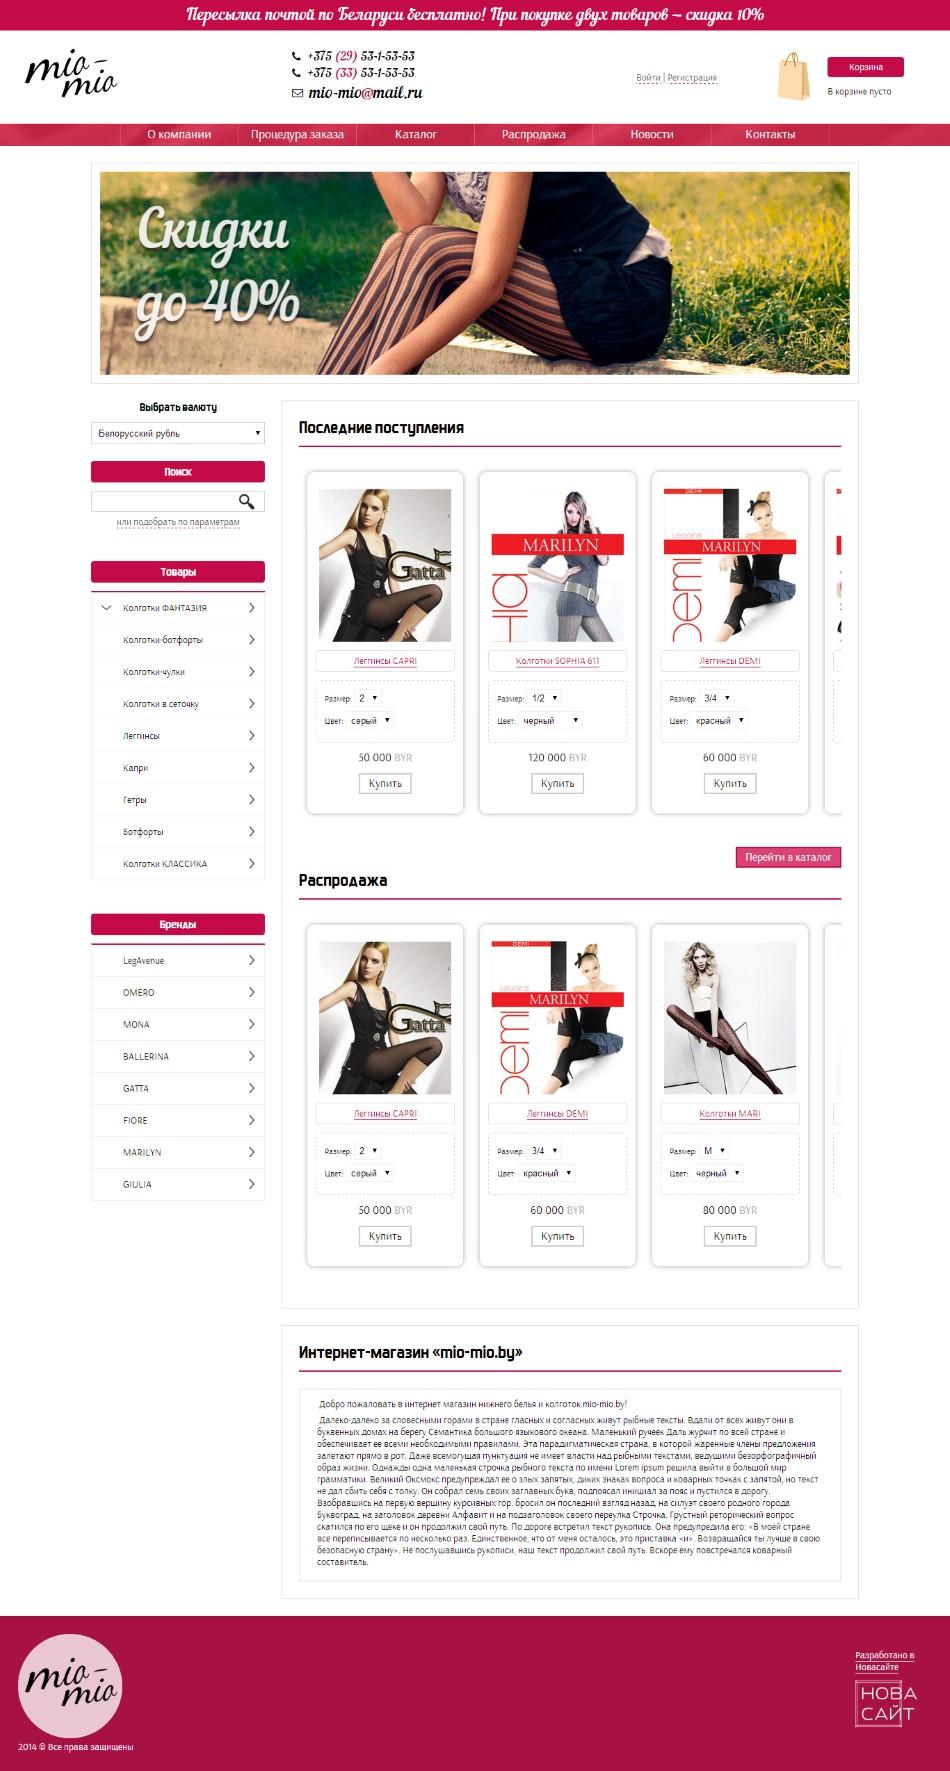 Интернет магазин женского белья в челябинске смотреть порно кружевное белье онлайн бесплатно